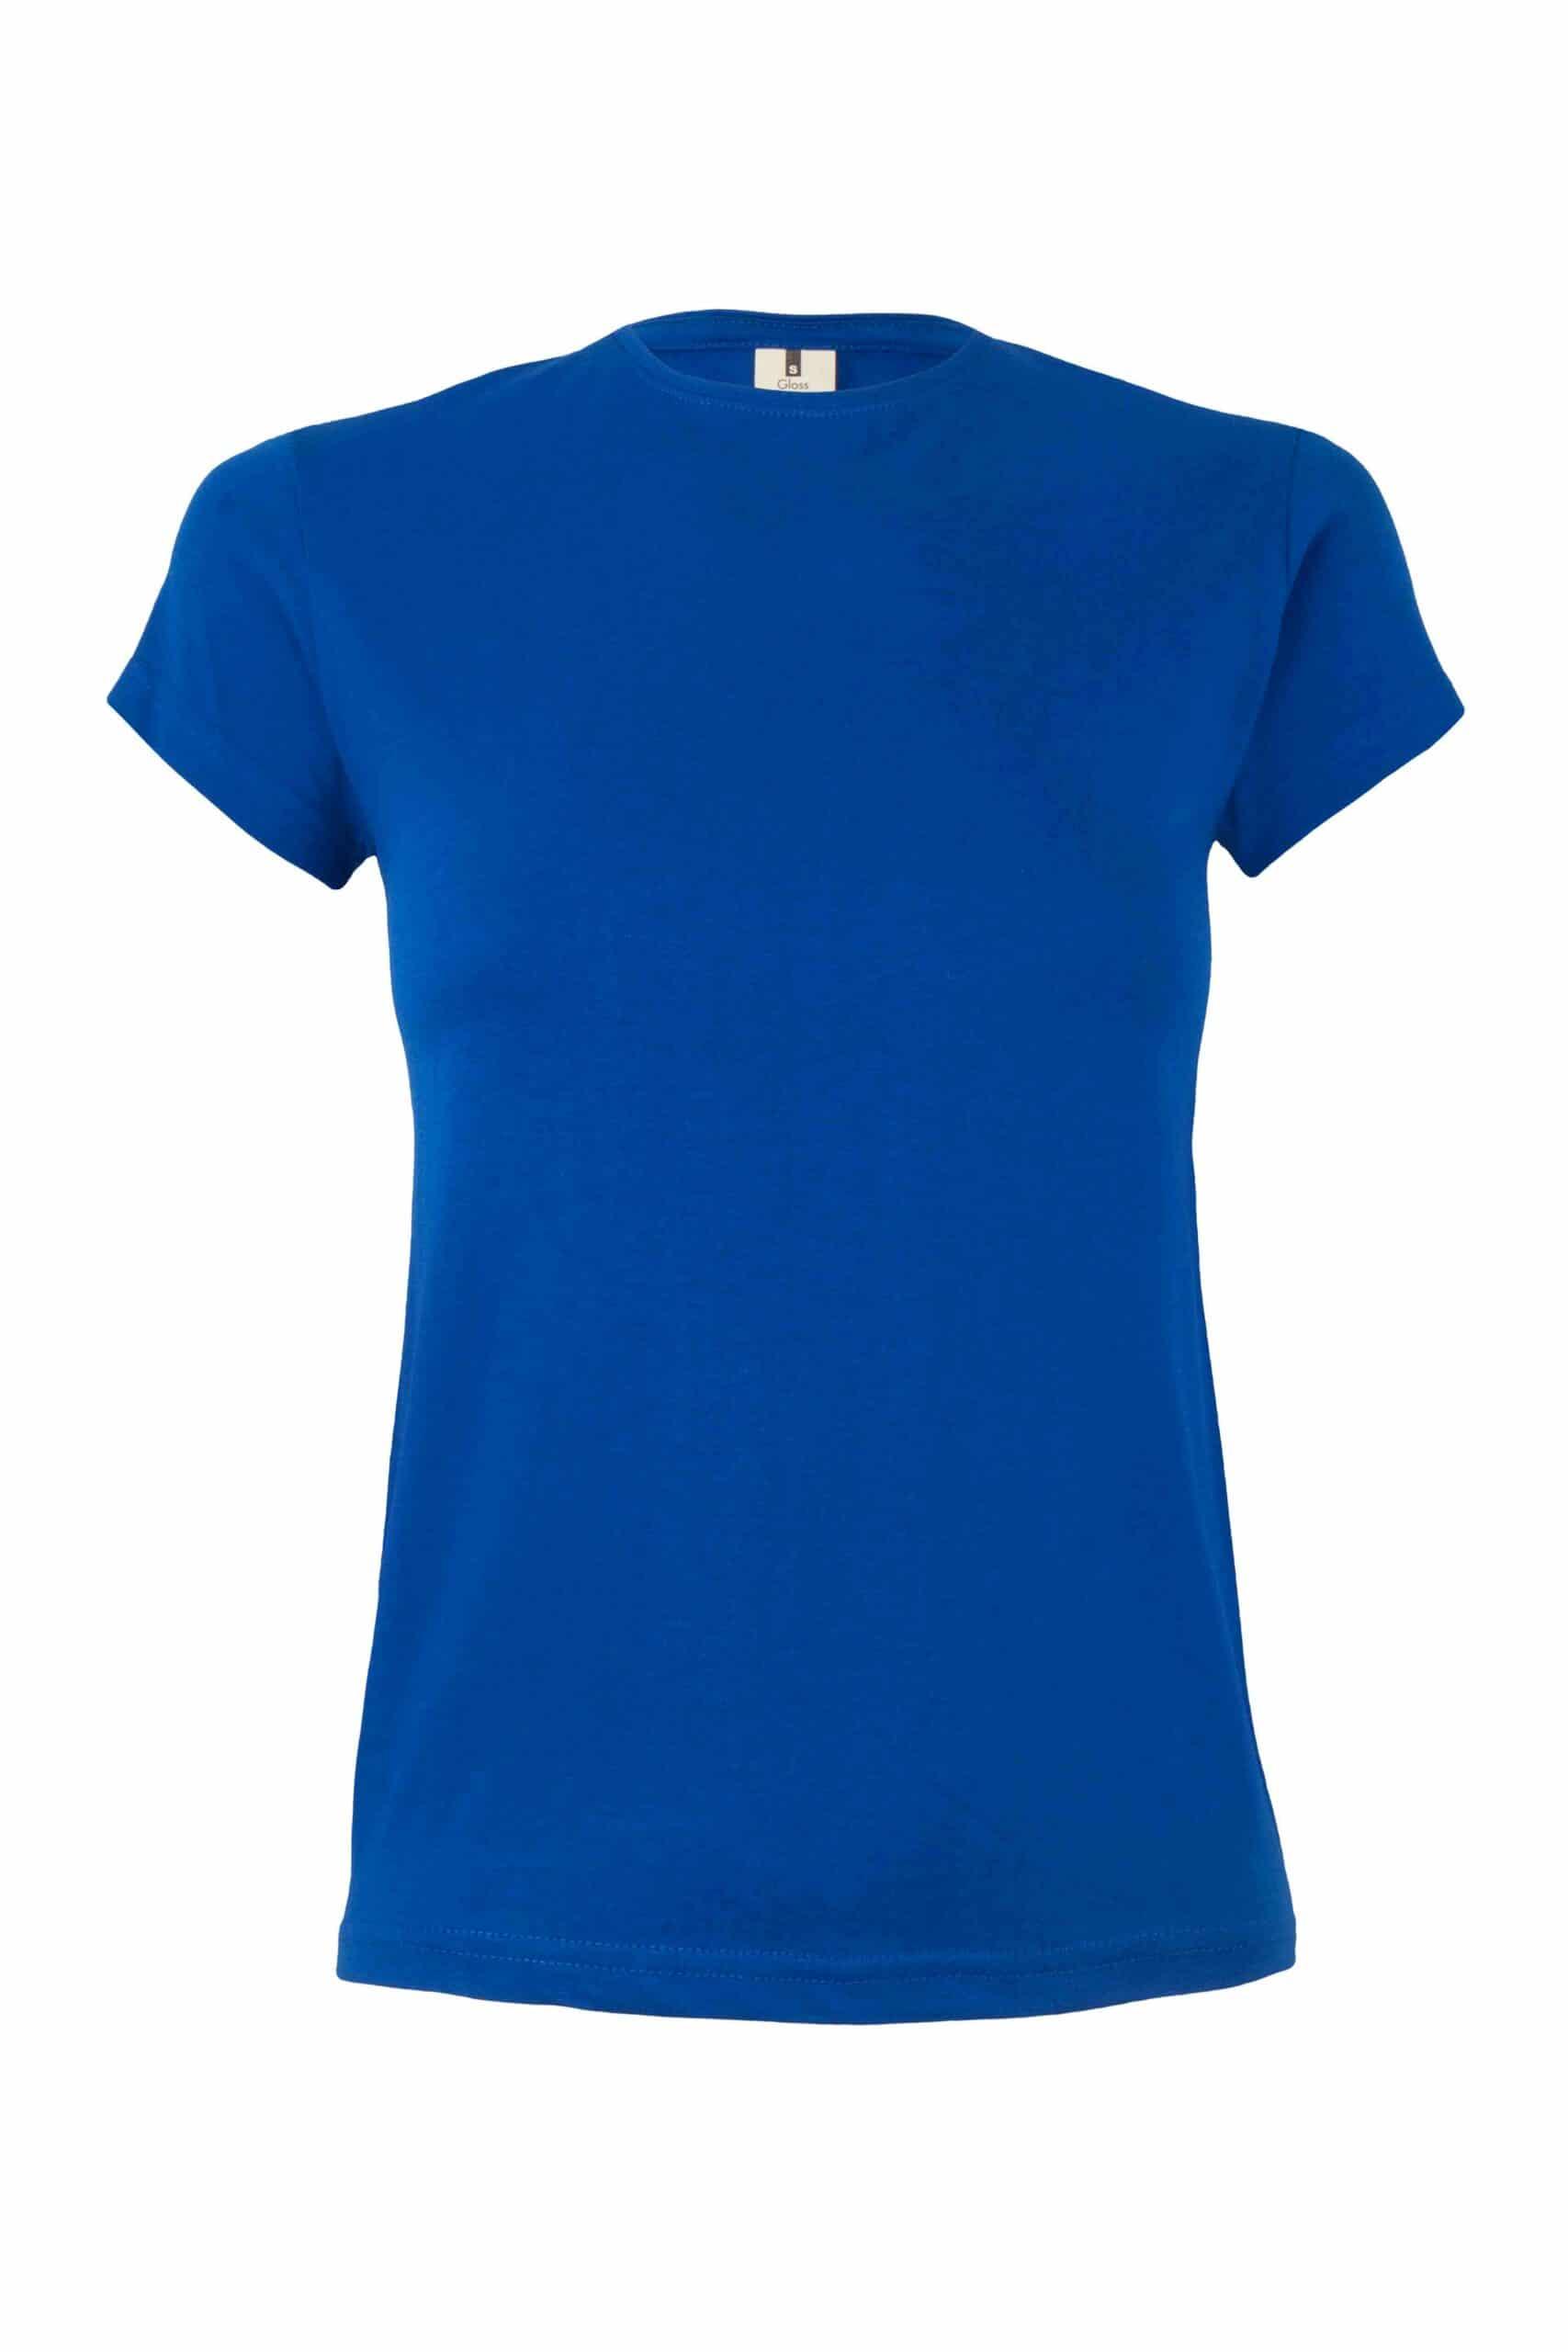 Mukua Mk170cv Camiseta Manga Corta 130gr Royal Blue